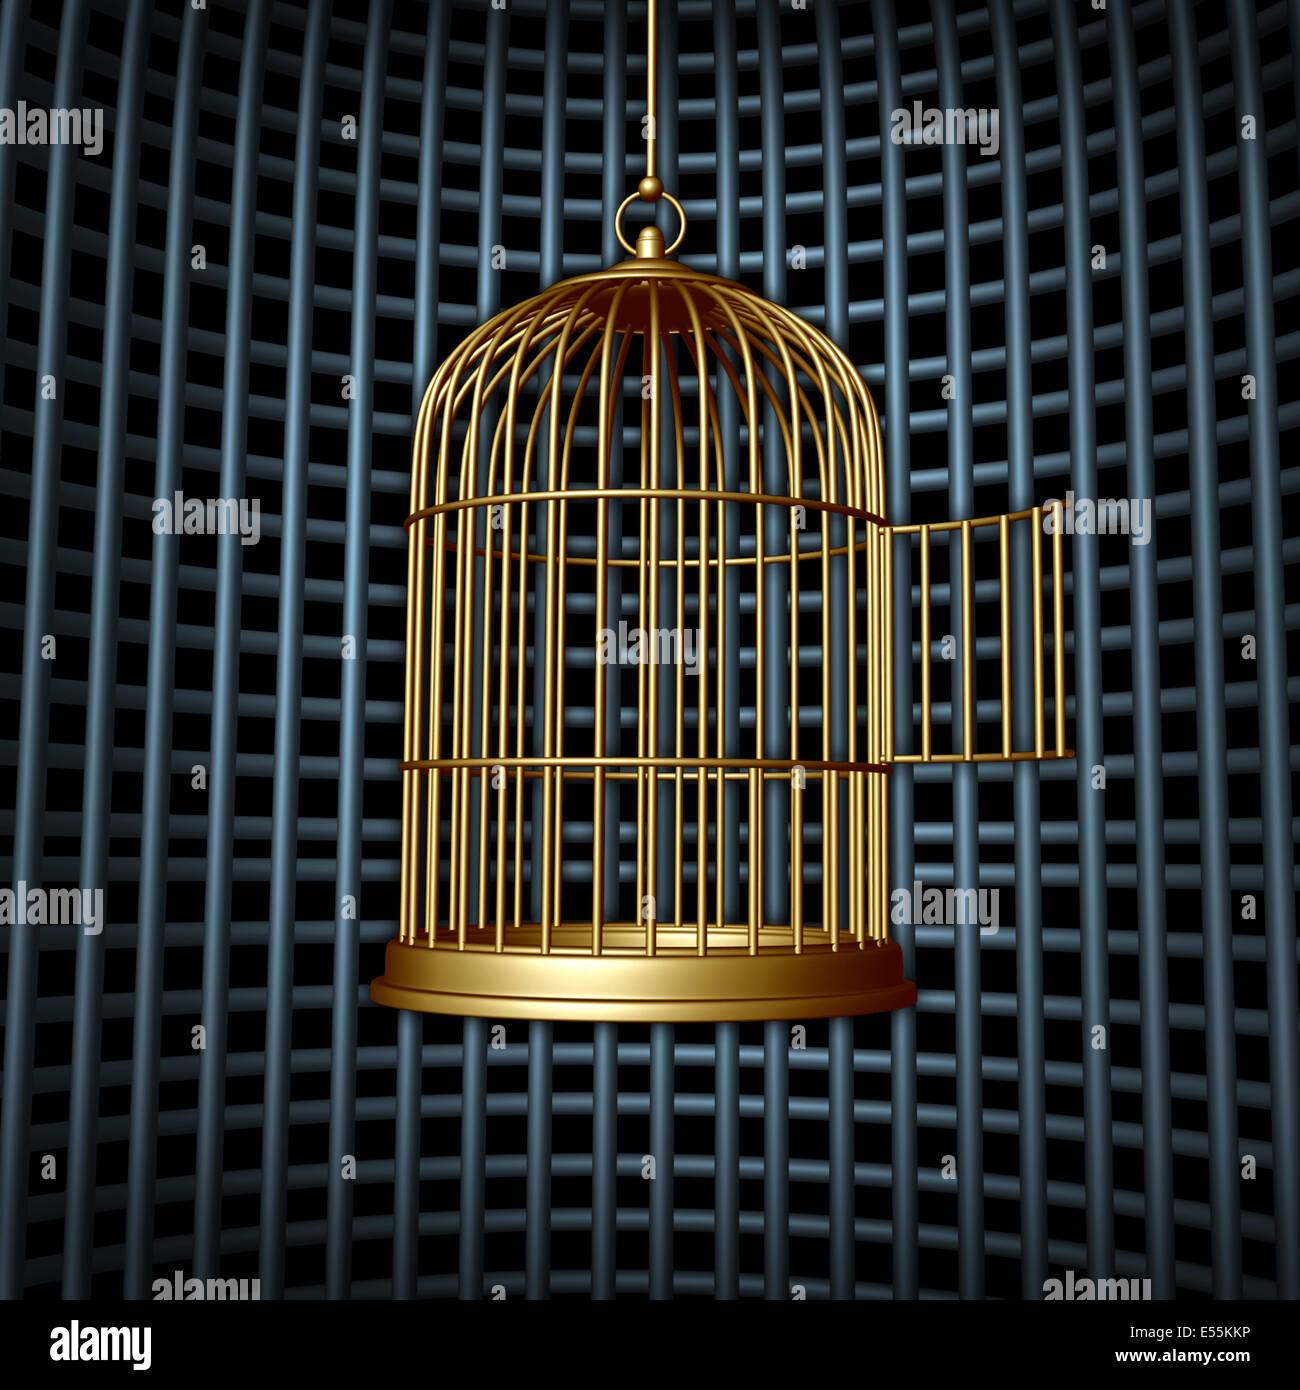 Falsche Freiheit und begrenzte Freiheit Konzept als eine offene Vogelkäfig in einen größeren Käfig Stockbild